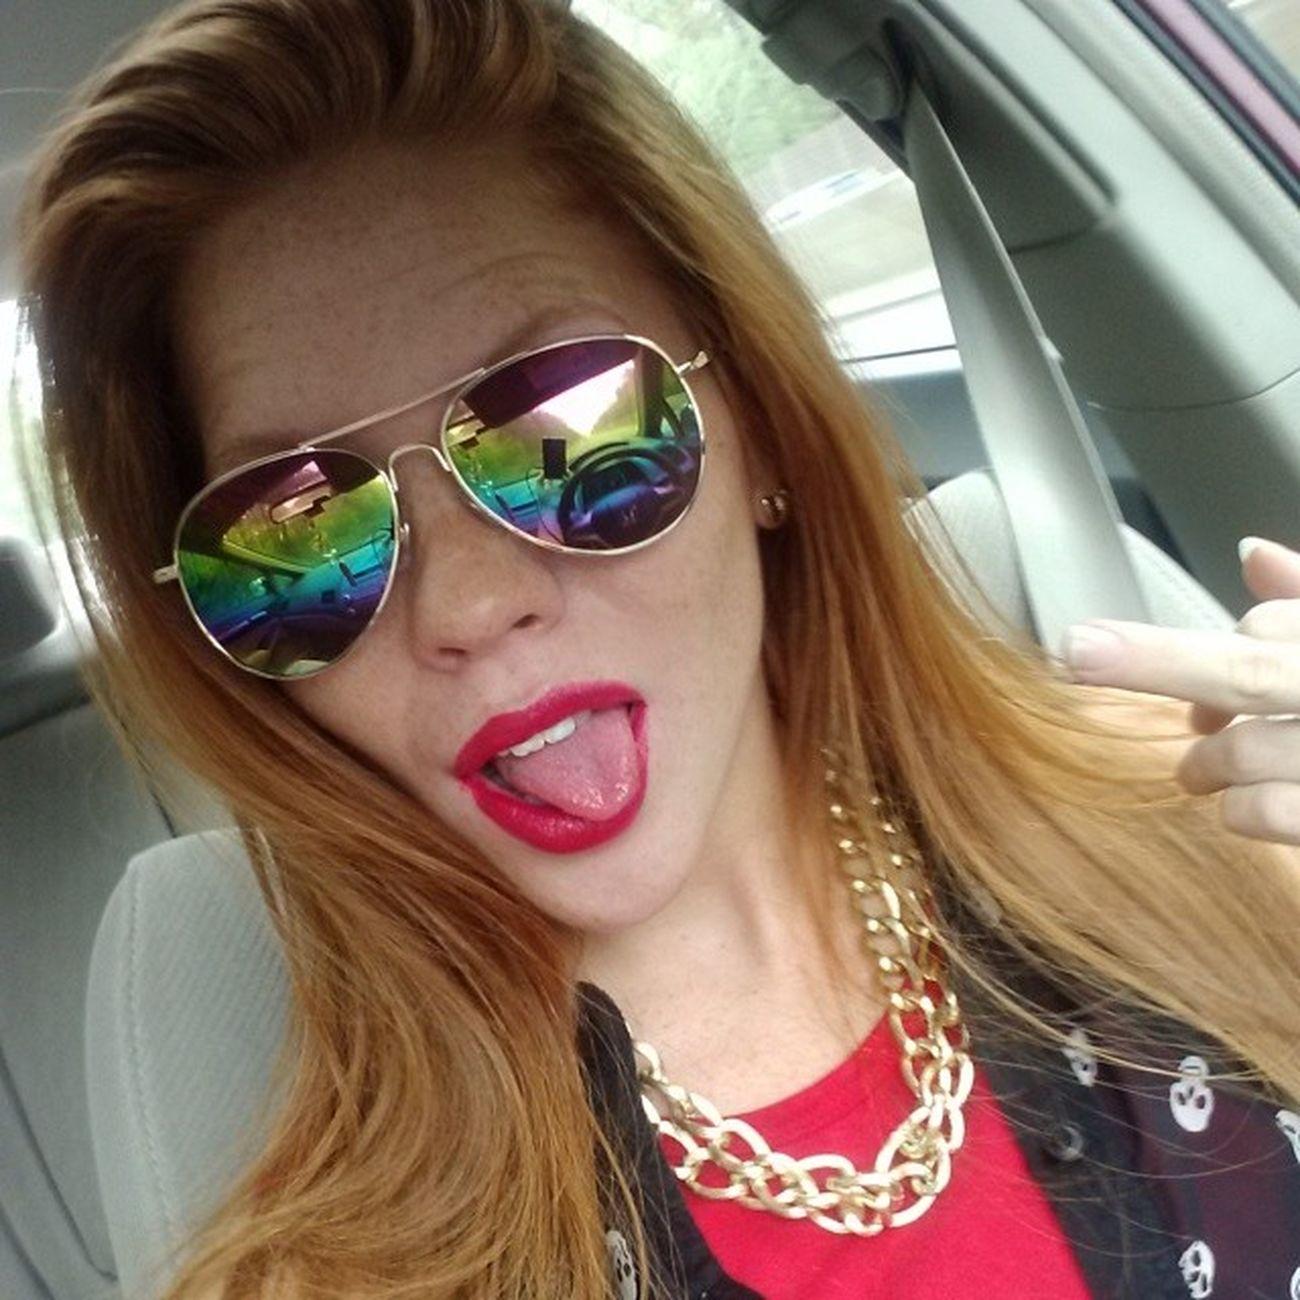 Hippiegirl Itsagoodday Lovemyglasses Fckyouplaya goodbyehata breaktime